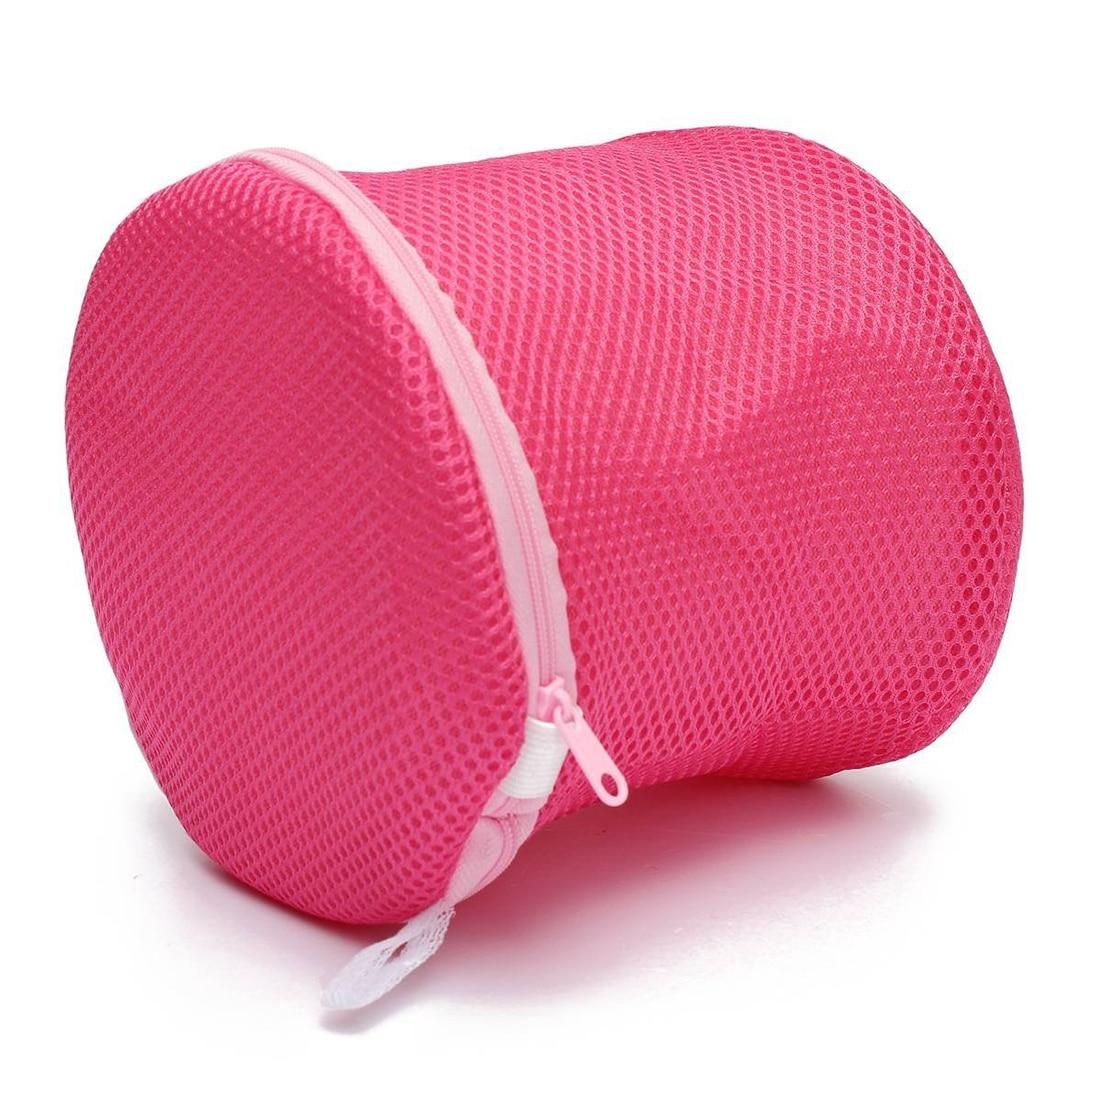 Thickening Bra Wash Net Underwear Net Wash Laundry Rose